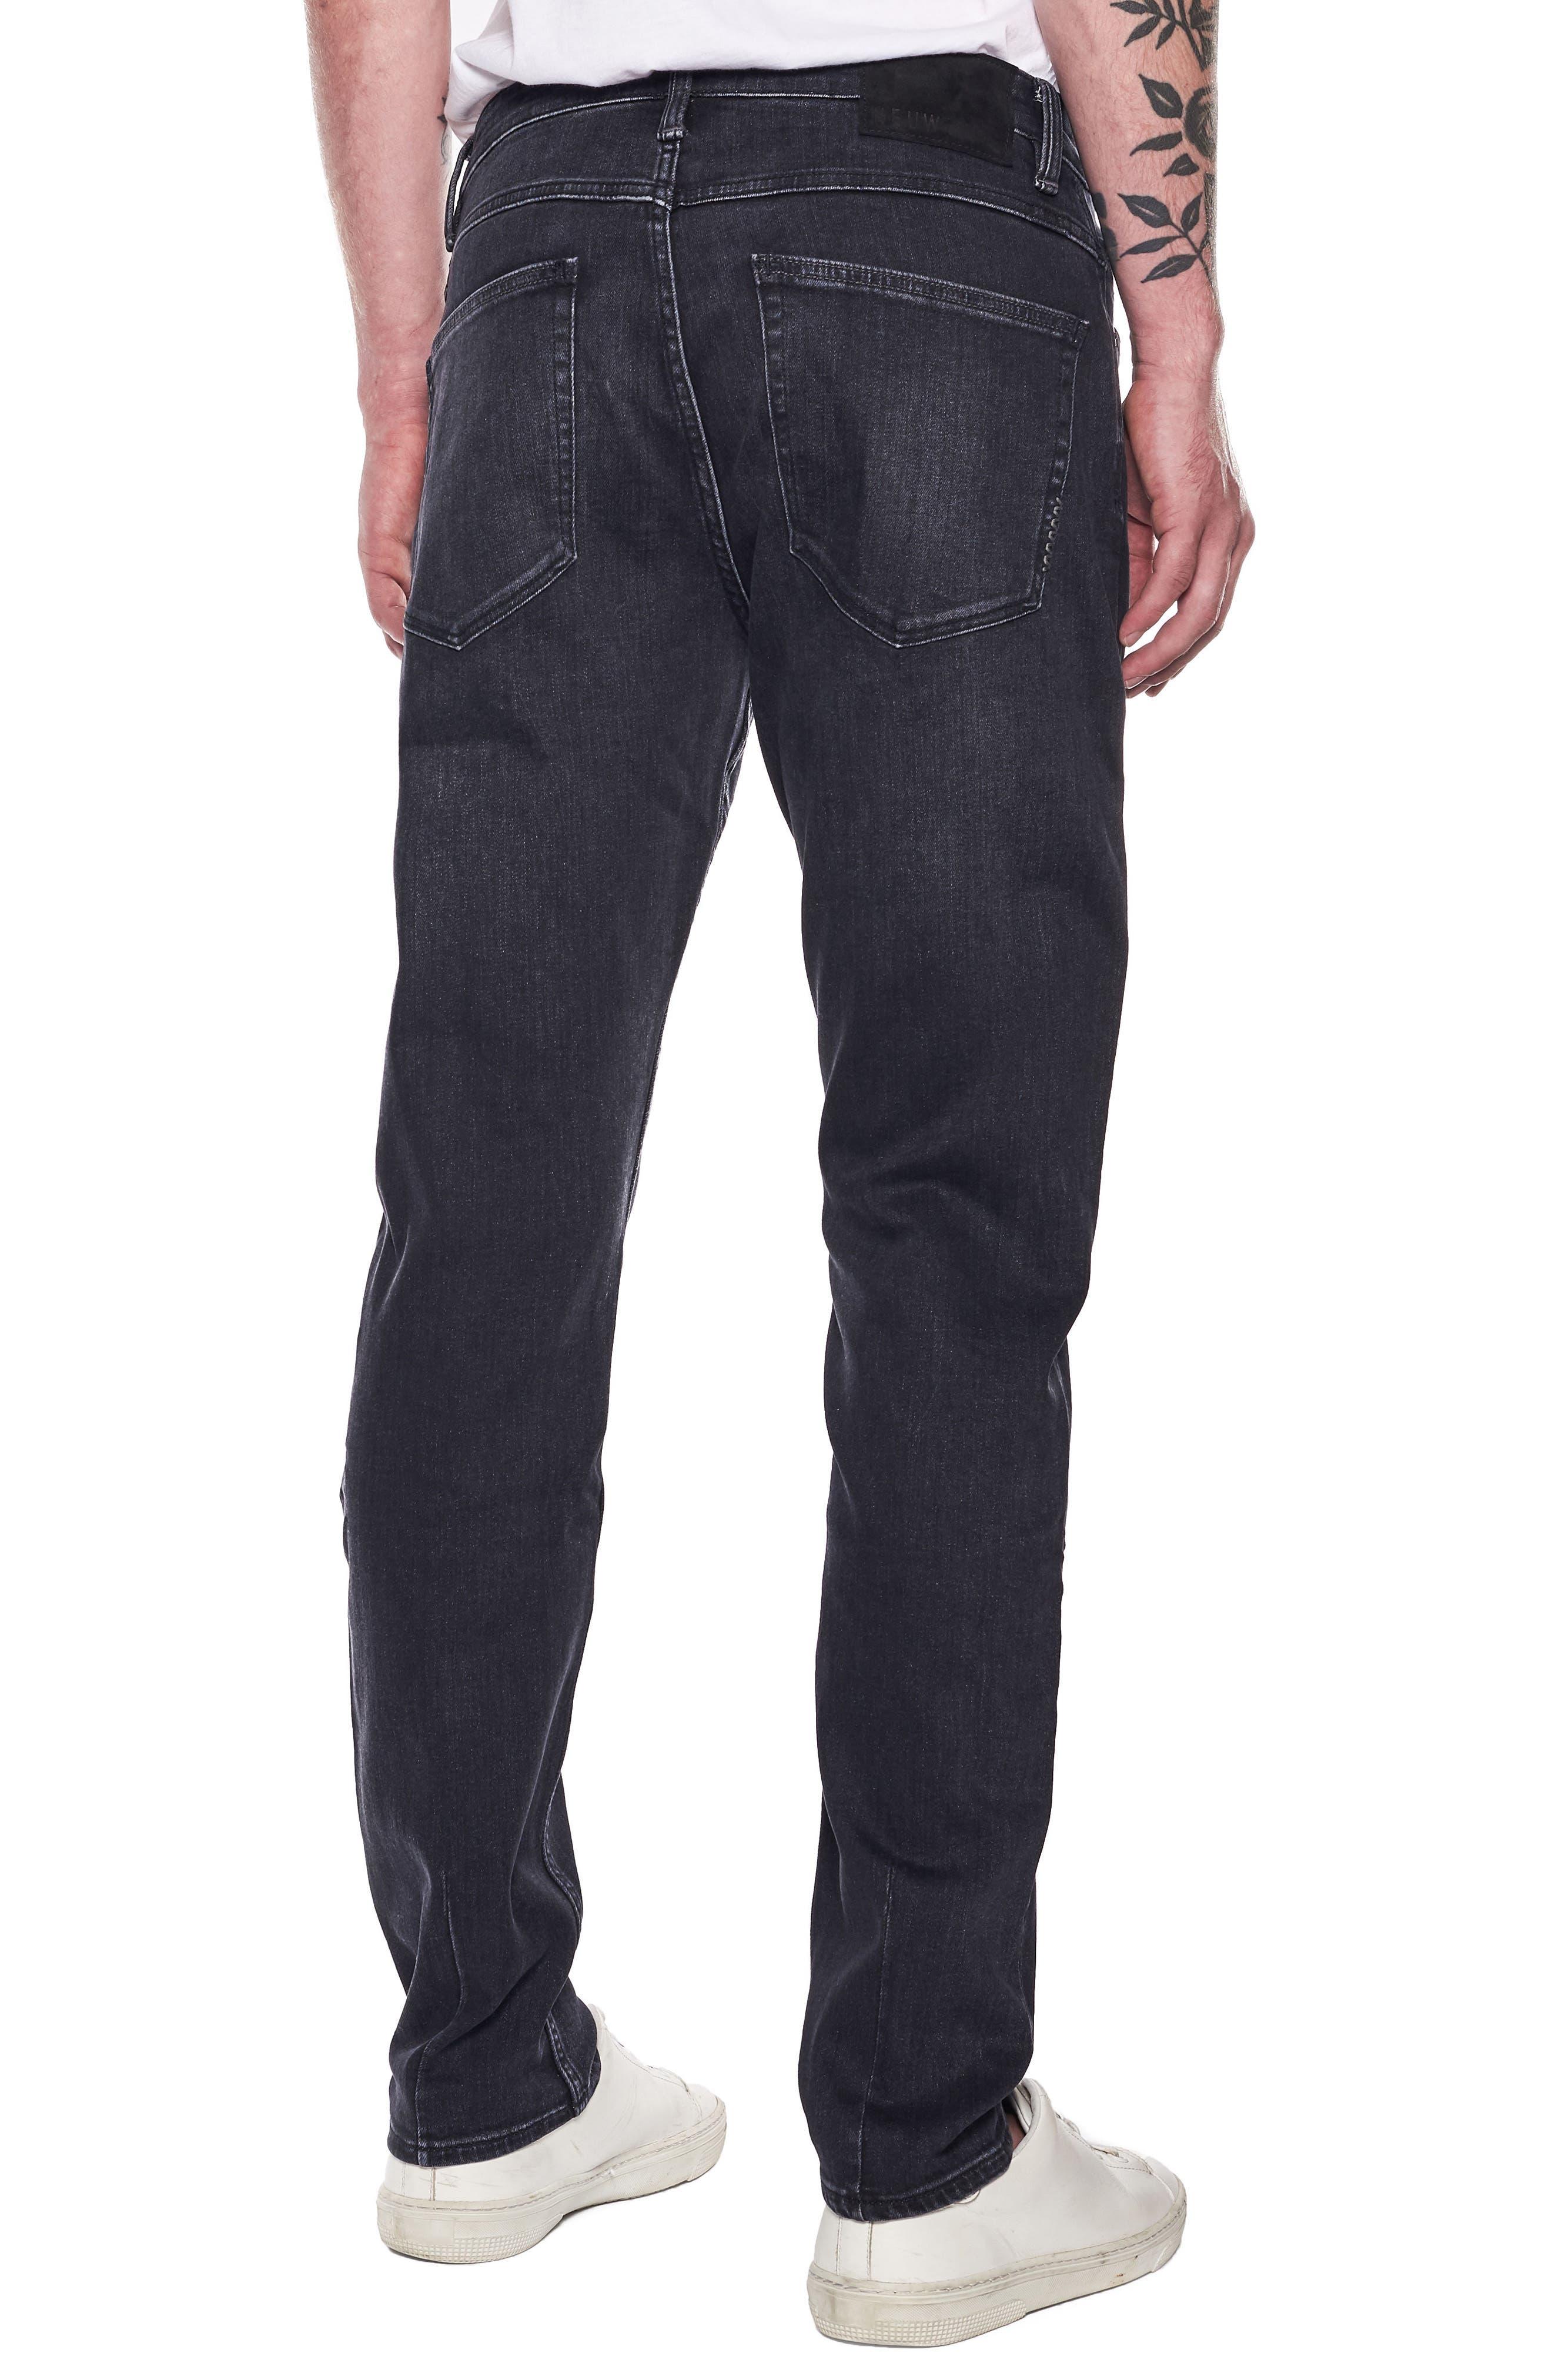 Lou Slim Fit Jeans,                             Alternate thumbnail 2, color,                             405